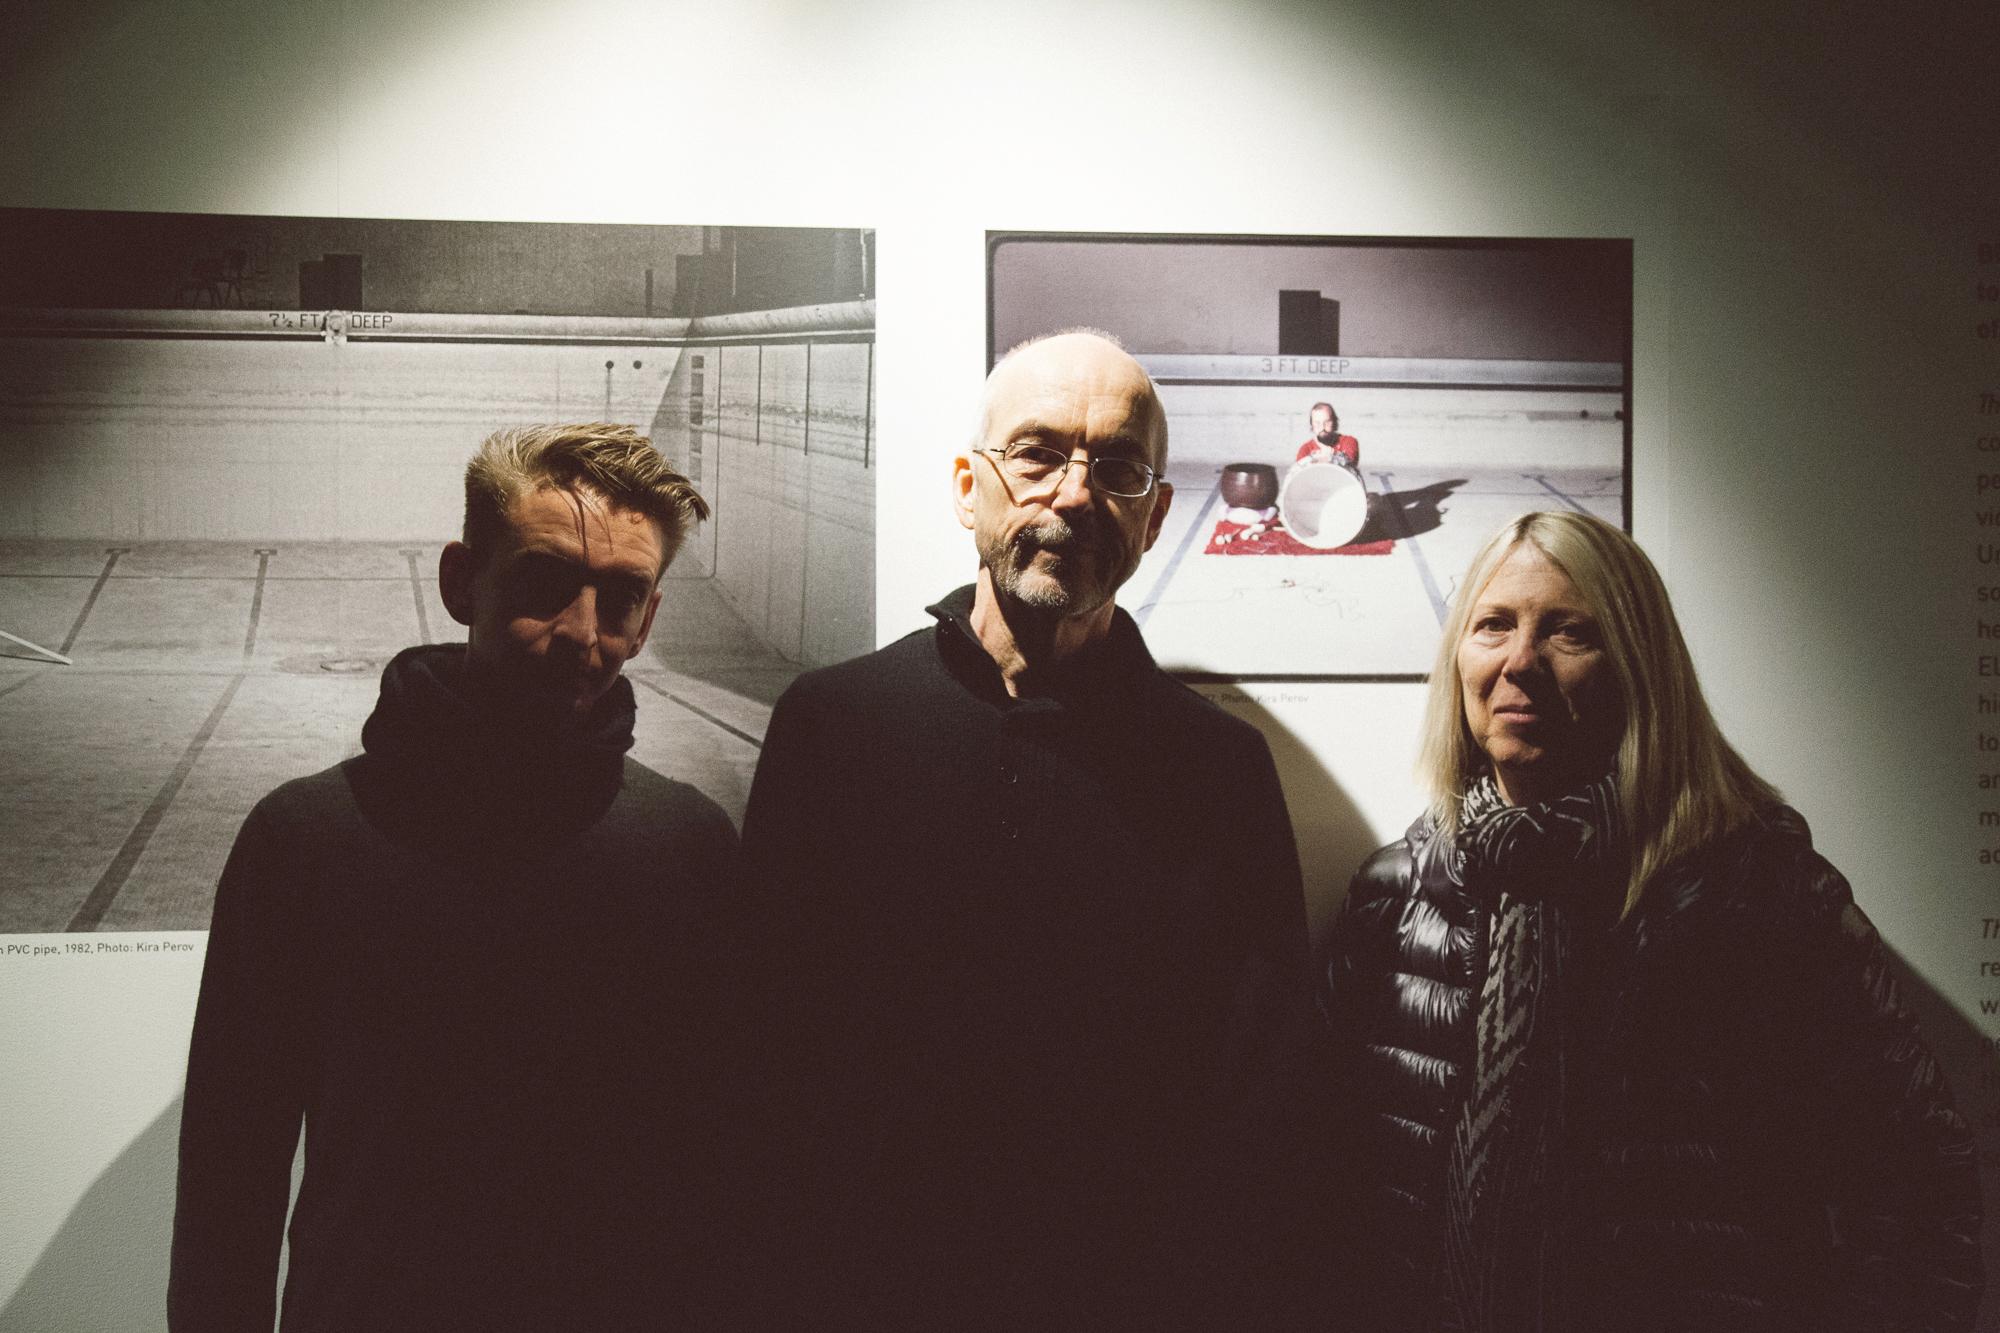 James Bulley, Bill Viola and Kira Perov